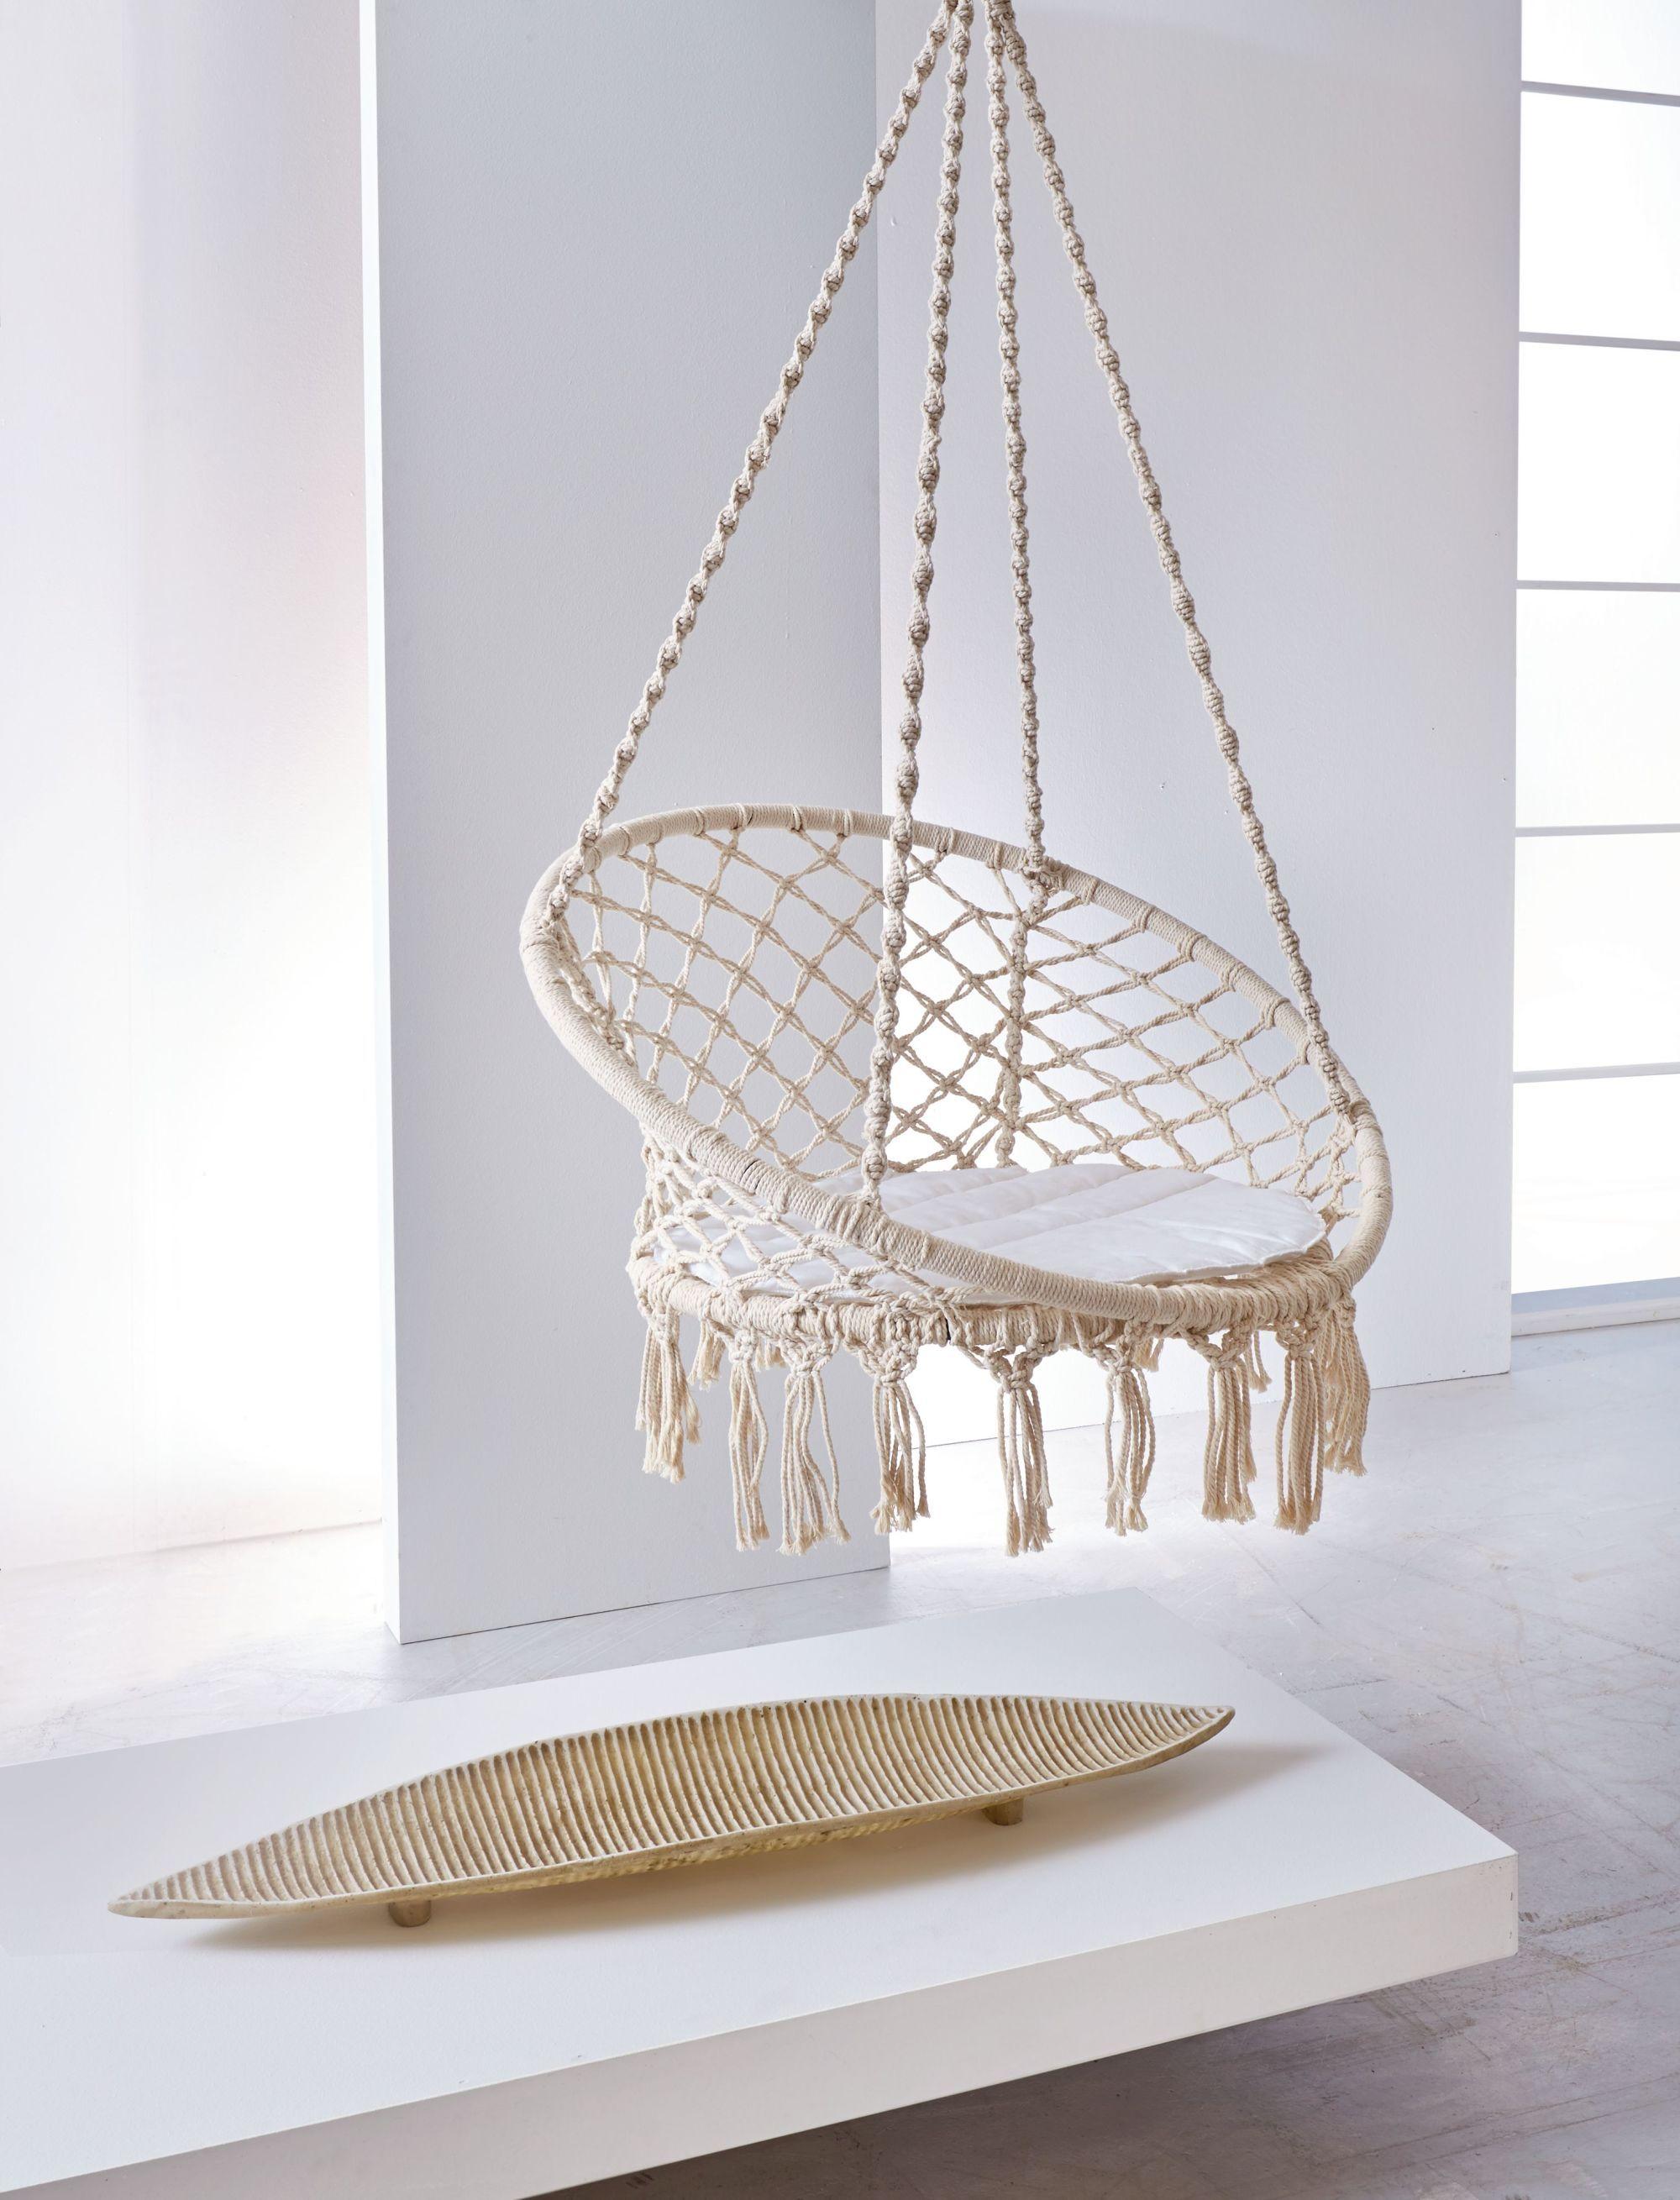 bildergebnis f r h ngesessel makramee interiors iii pinterest kinder zimmer m bel und. Black Bedroom Furniture Sets. Home Design Ideas